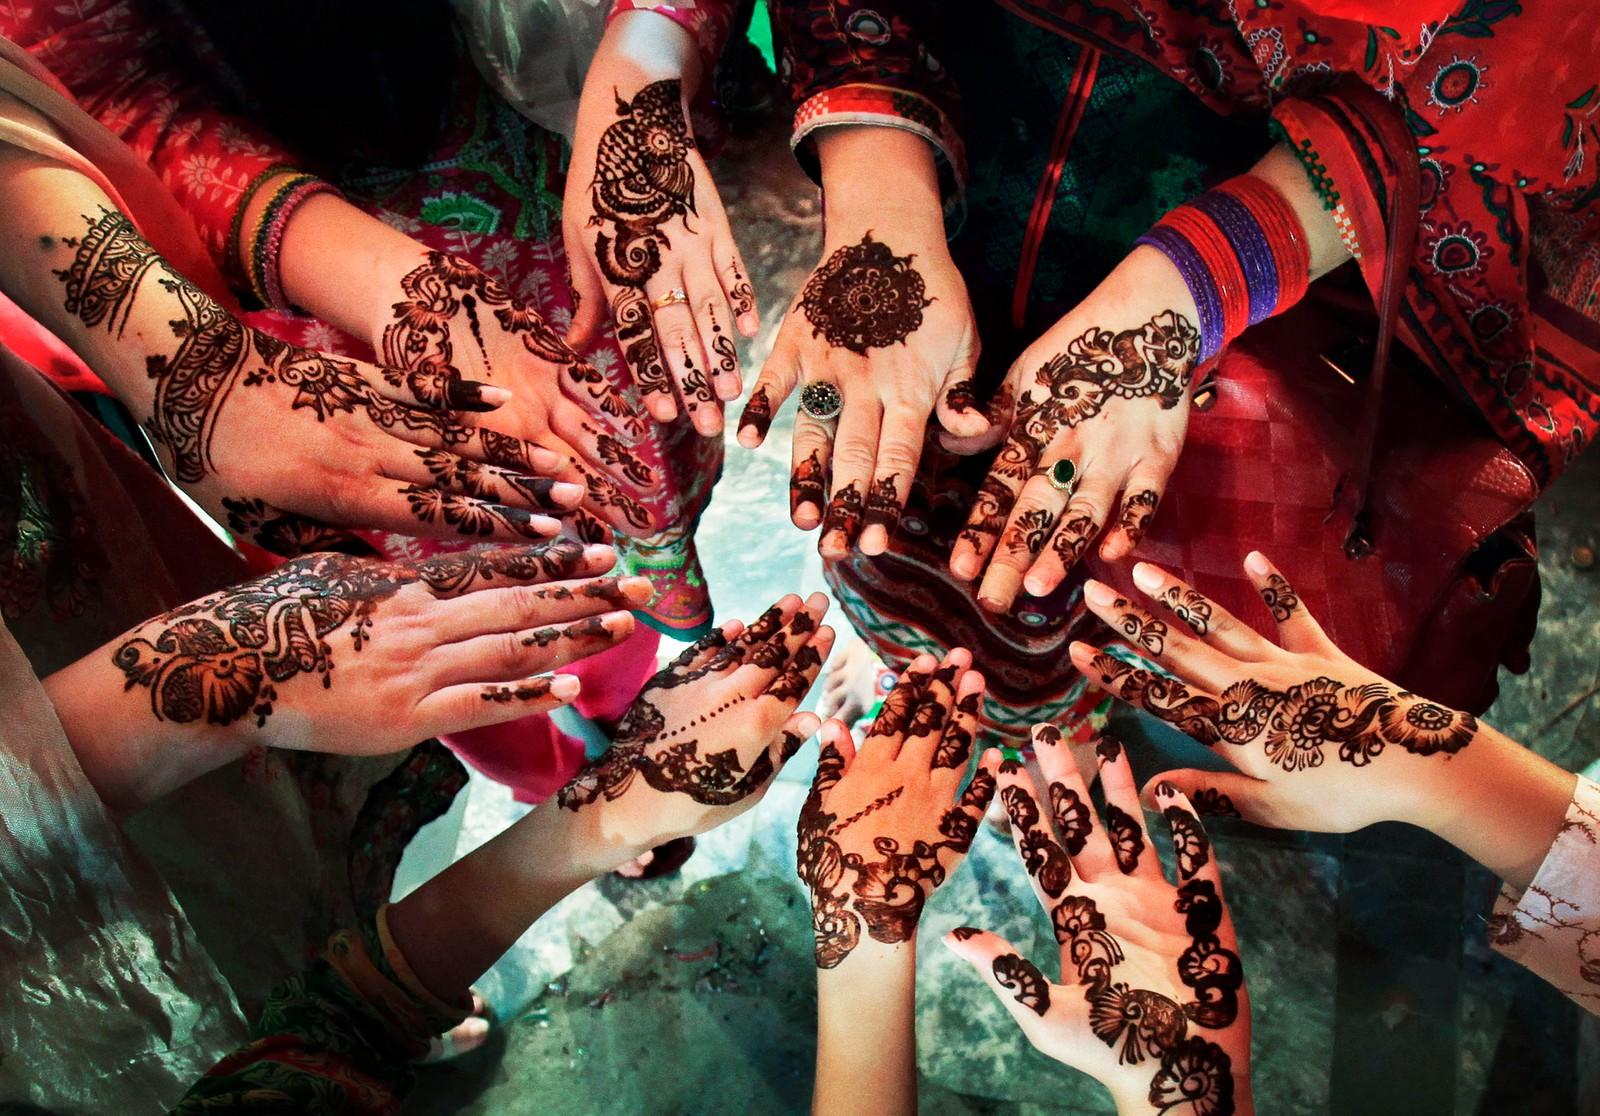 ISLAMABAD: Kvinner i en pakistansk familie viser frem sine hennamalte hender i forkant av Eid al-fitr-festen som markerer slutten på ramadan.